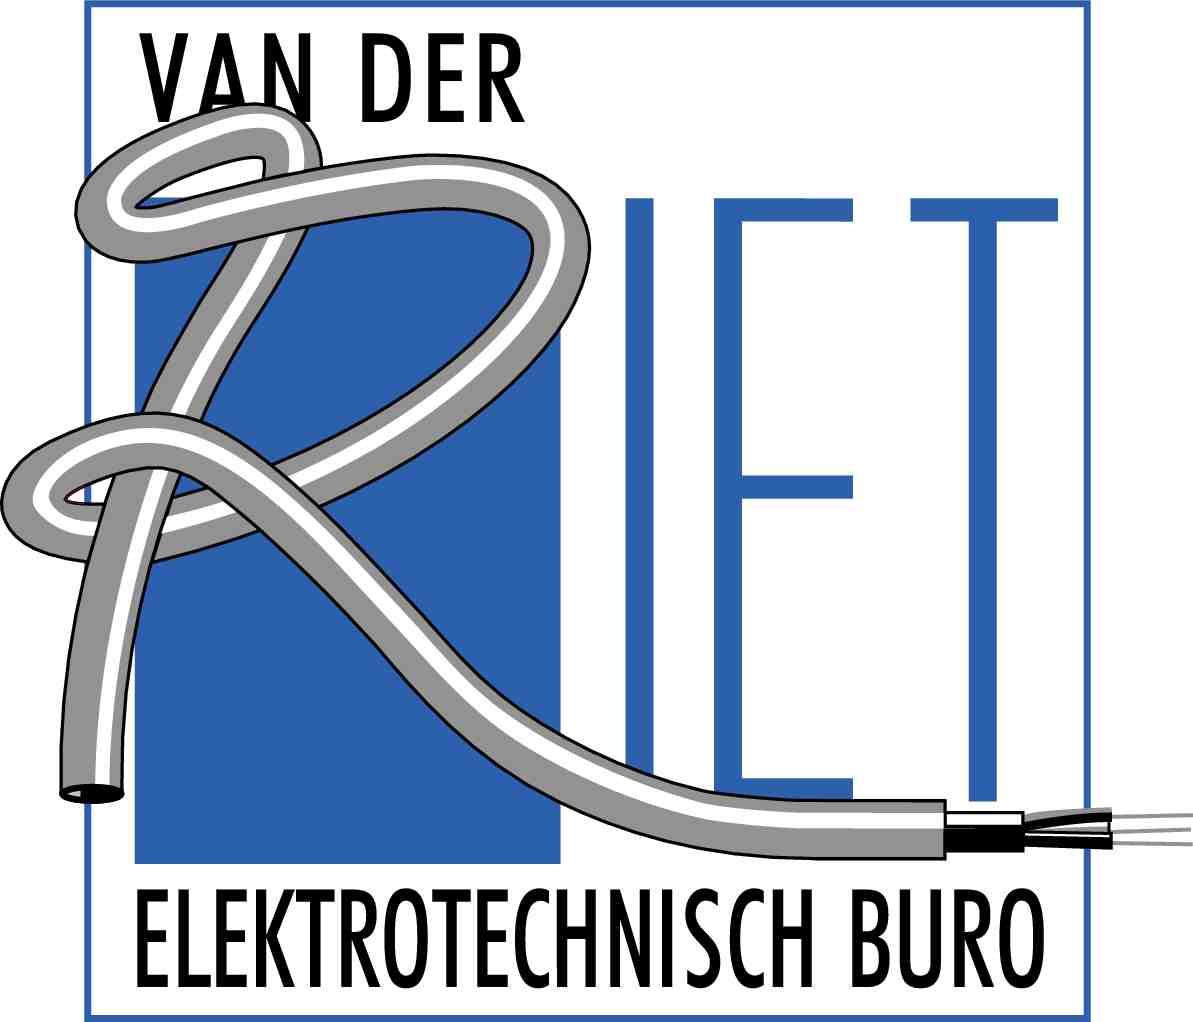 Van der Riet Elektrotechnisch Buro B.V.